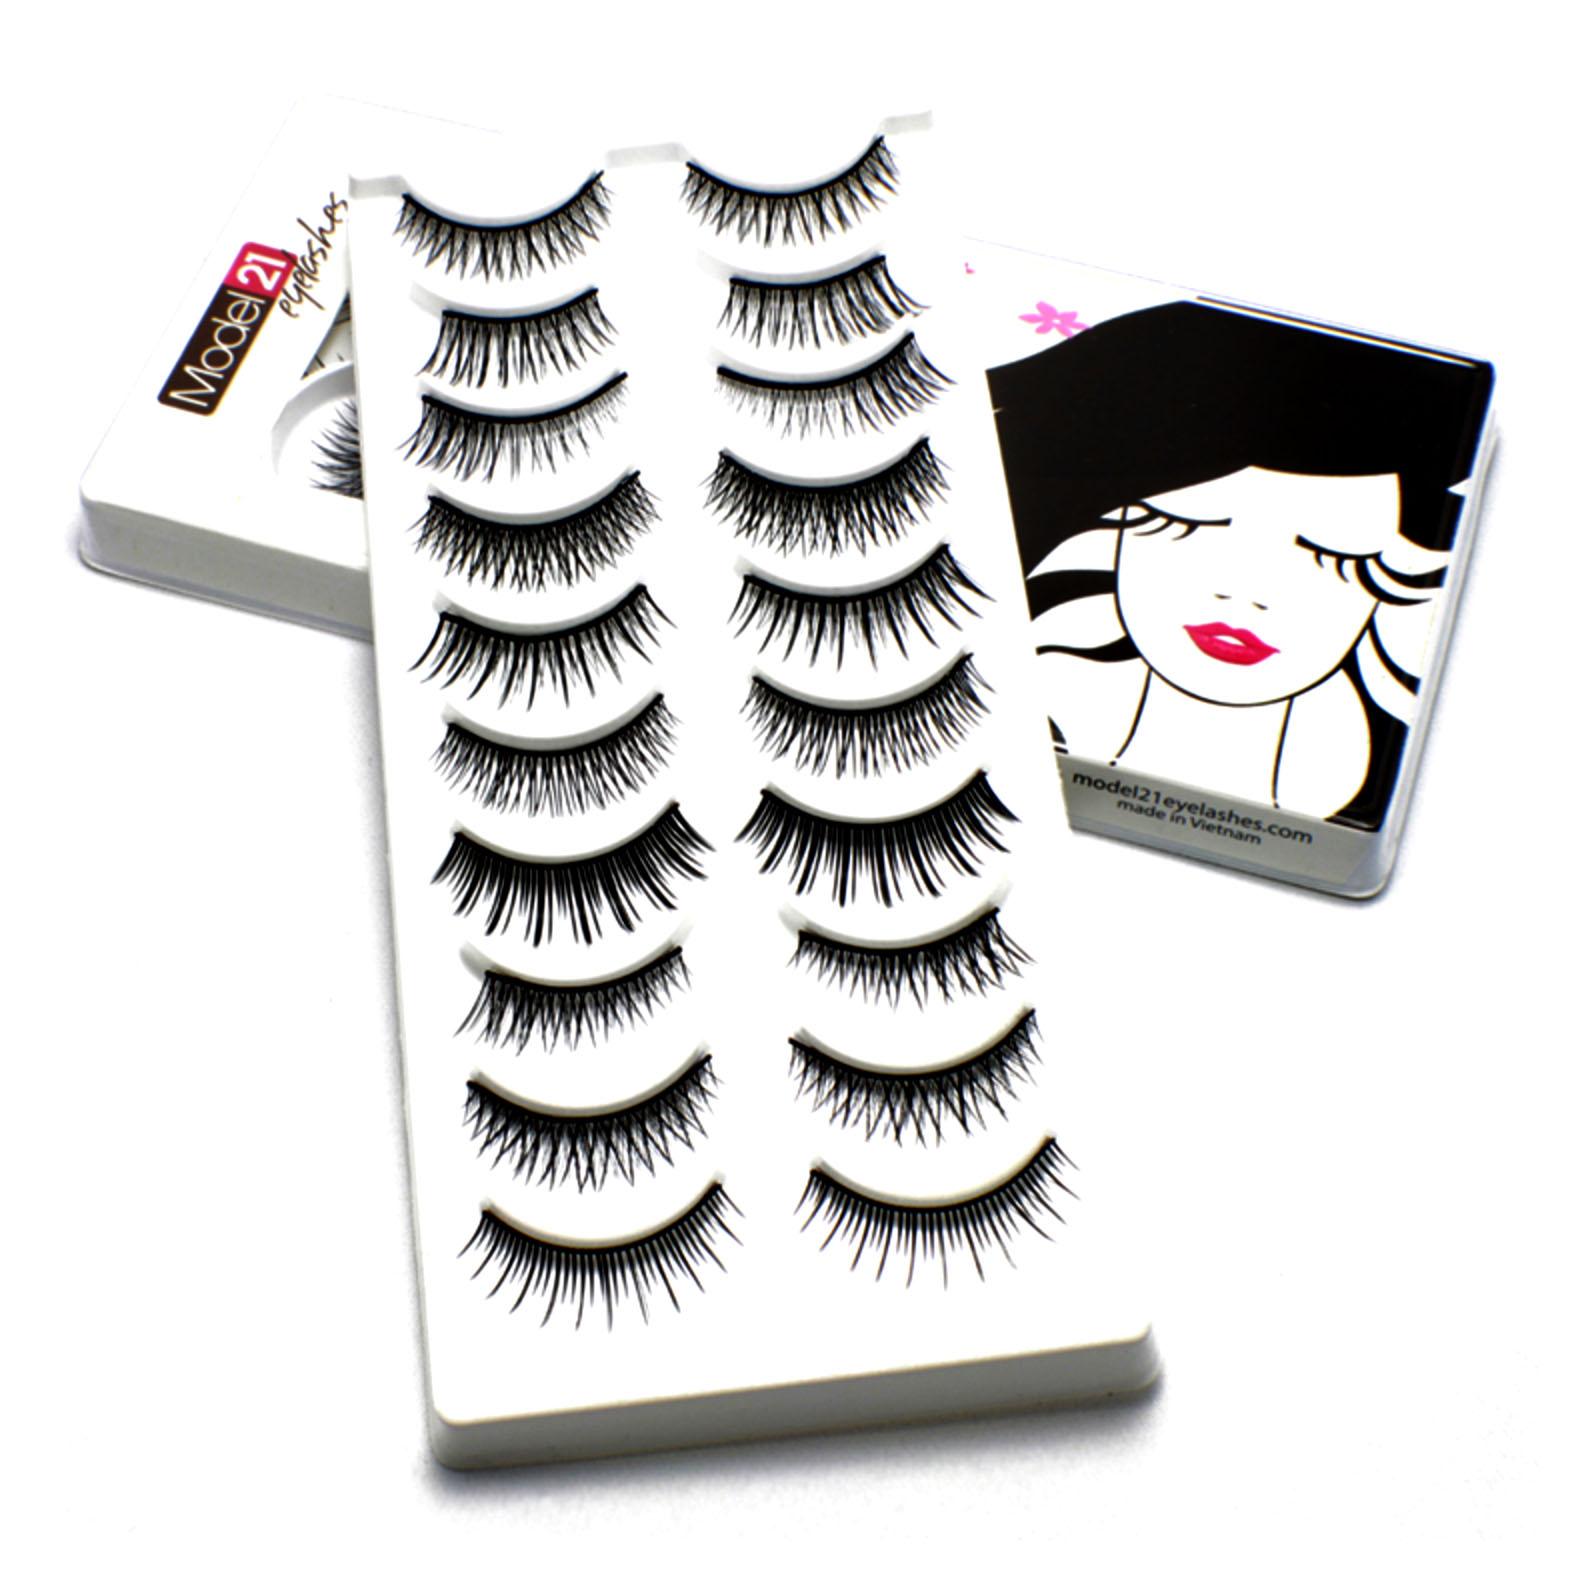 makeup-kit-online-makeup-academy-086.jpg